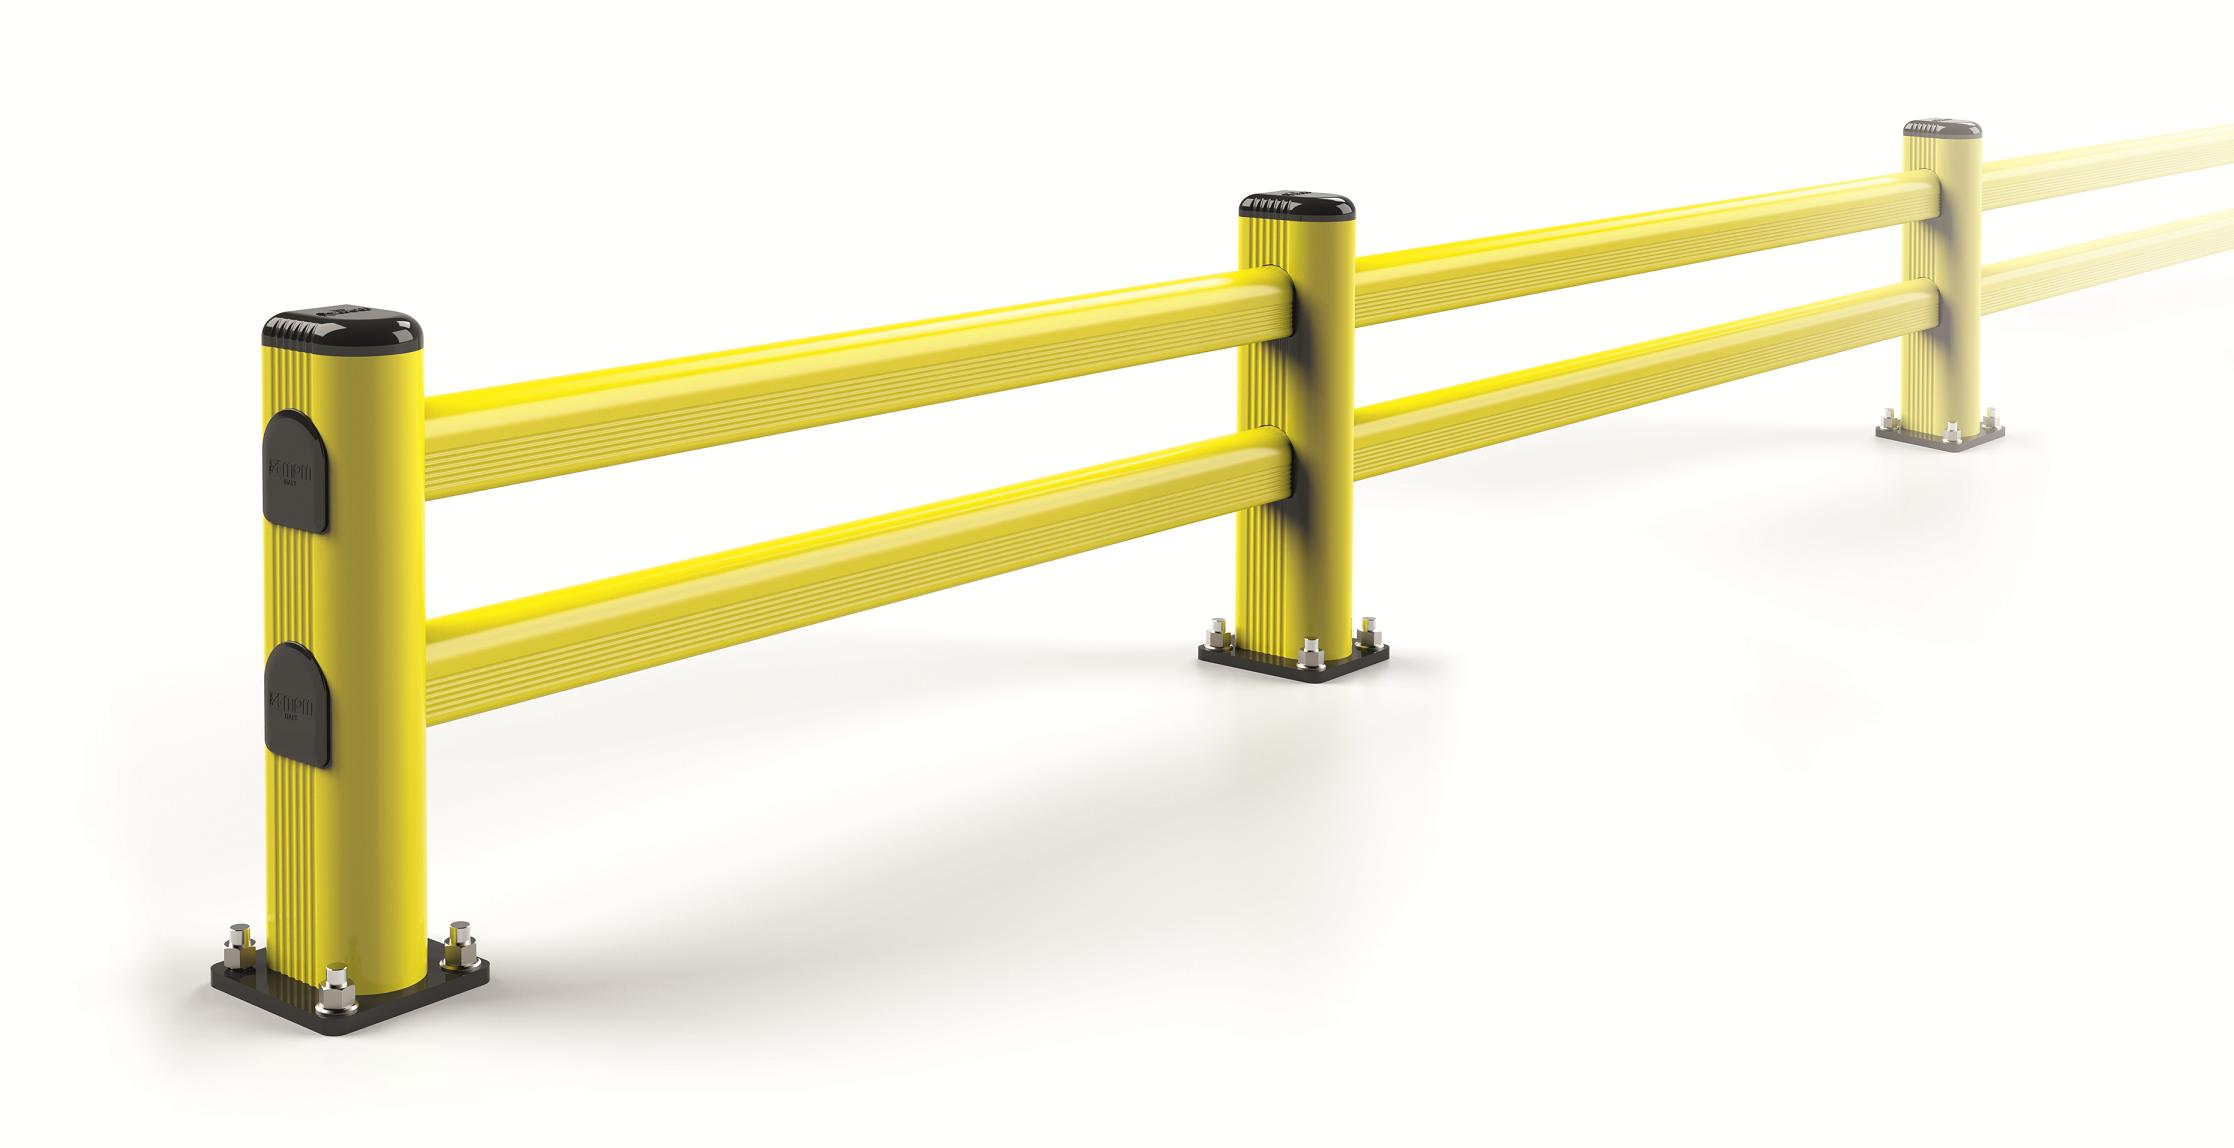 Bariera S przeznaczona do lekkiego ruchu wózków paletowych